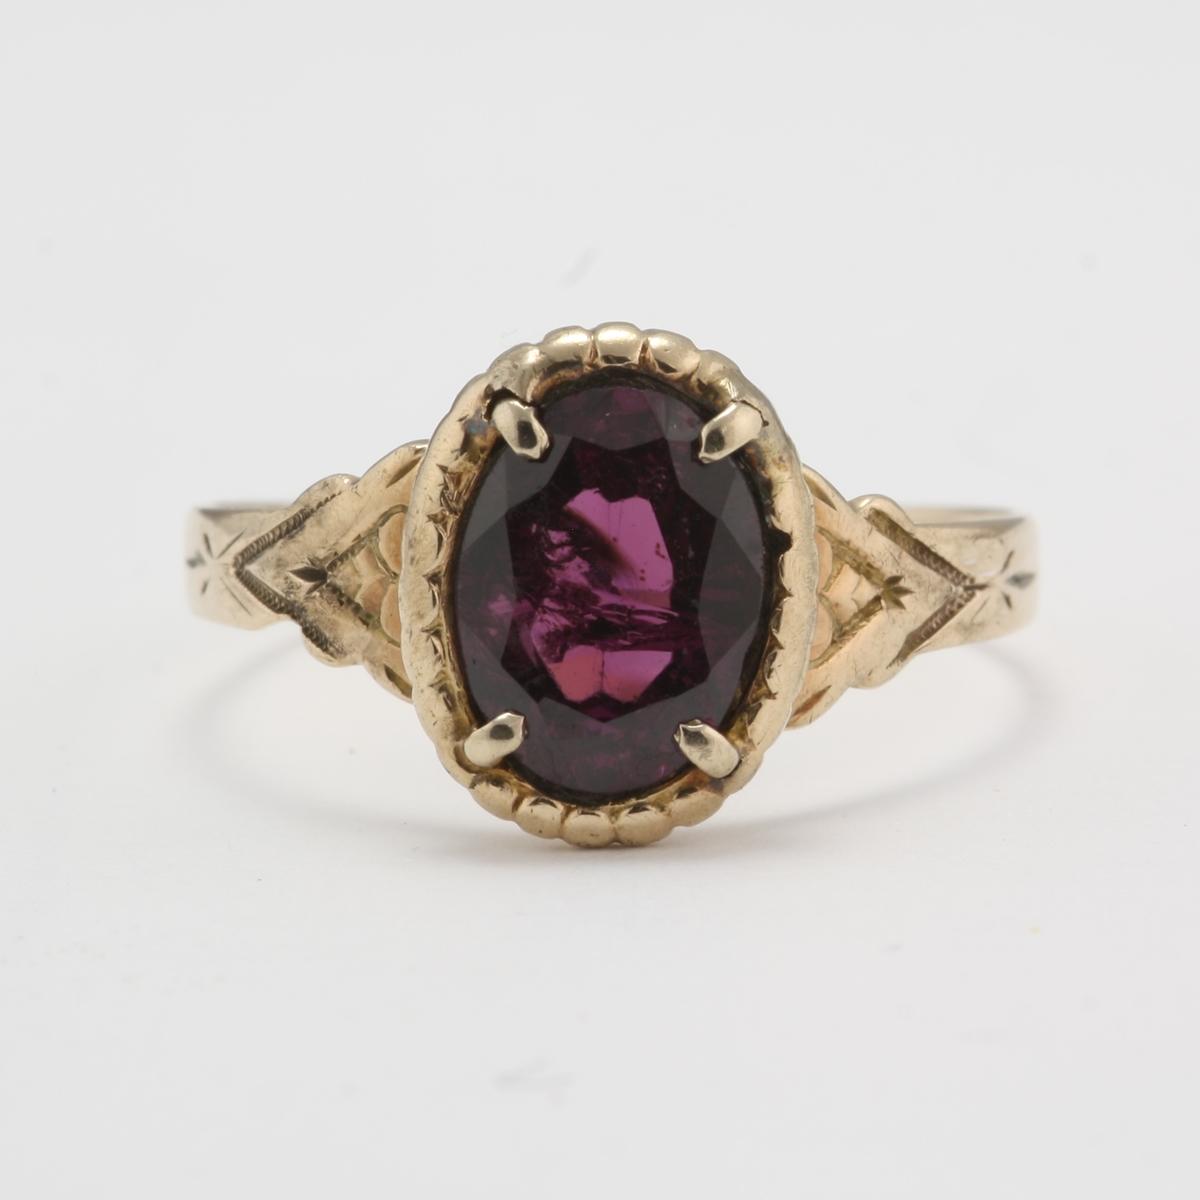 pre owned antique 10 karat gold rhodolite garnet ring